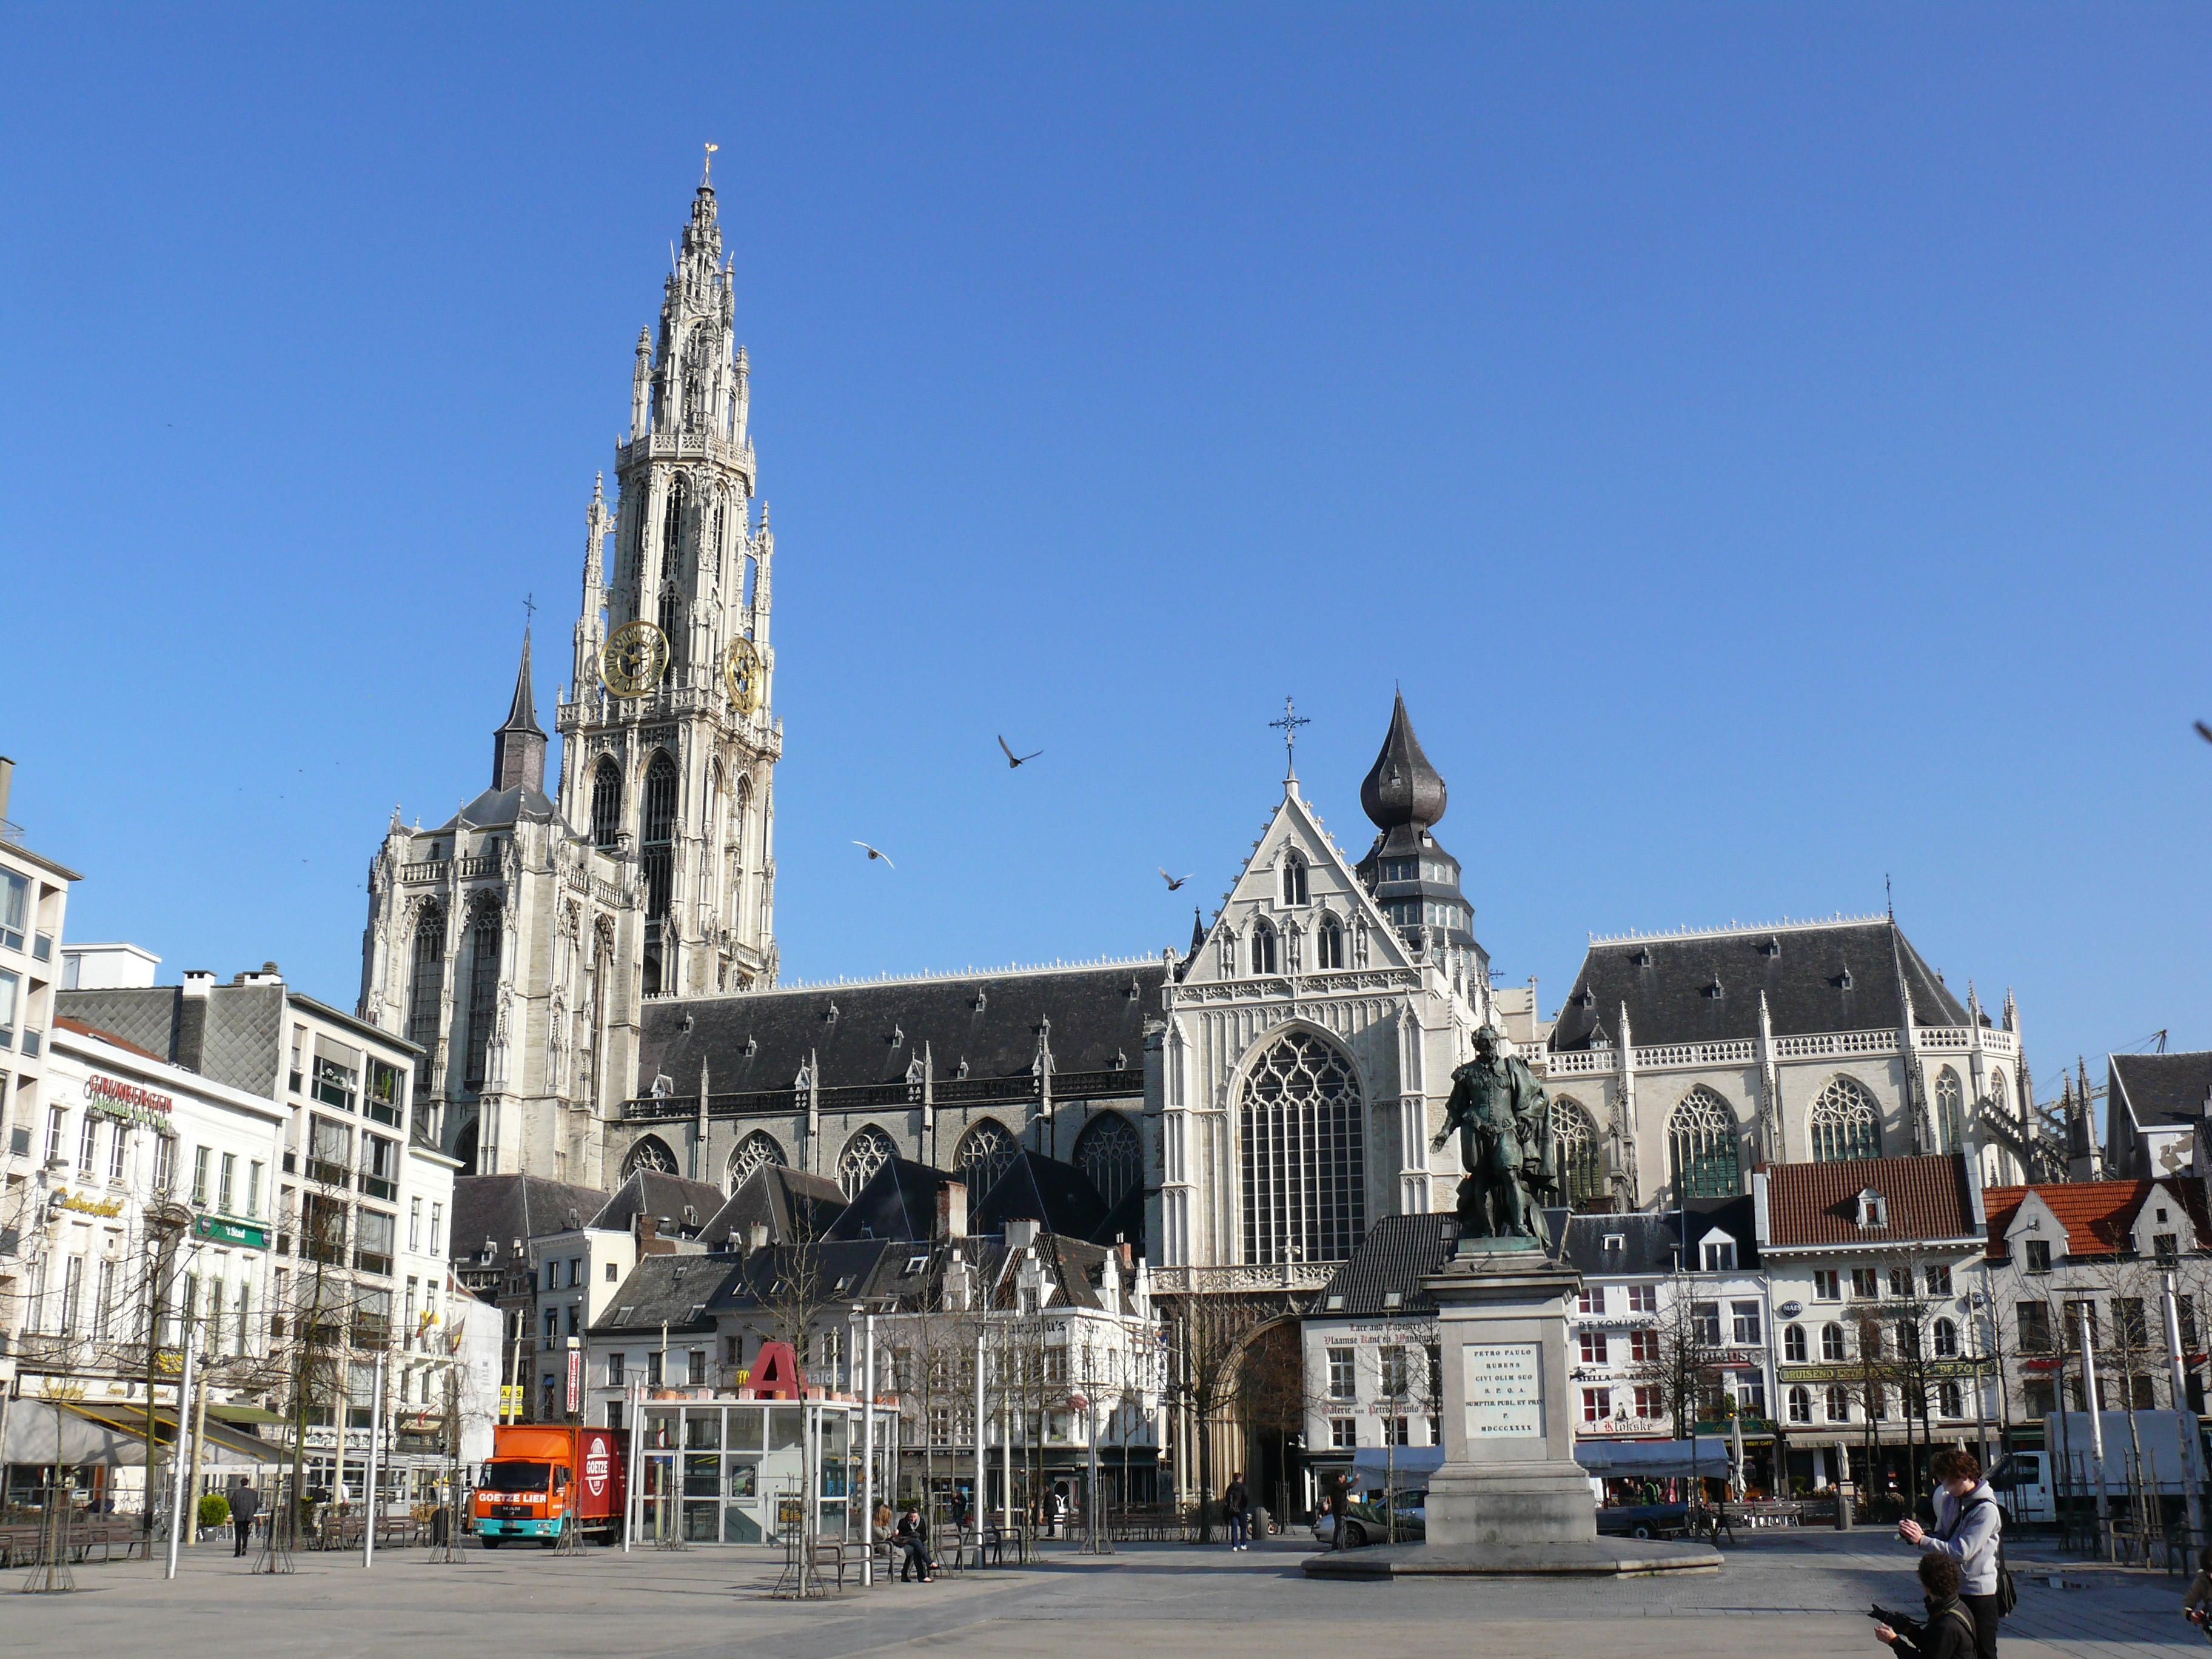 vakantie dagje weg Antwerpen kathedraal